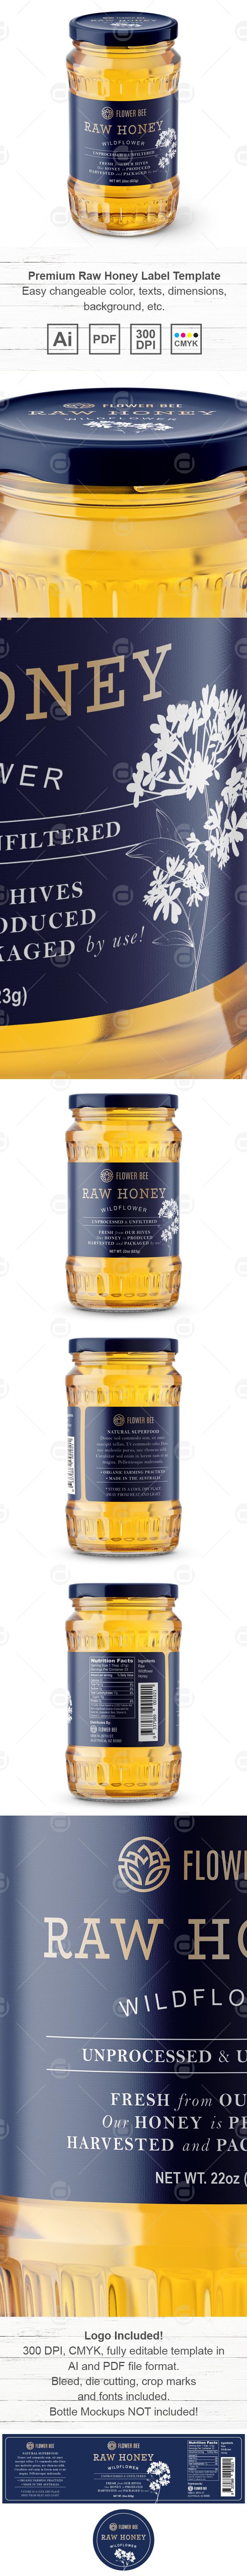 Premium Raw Honey Label Template